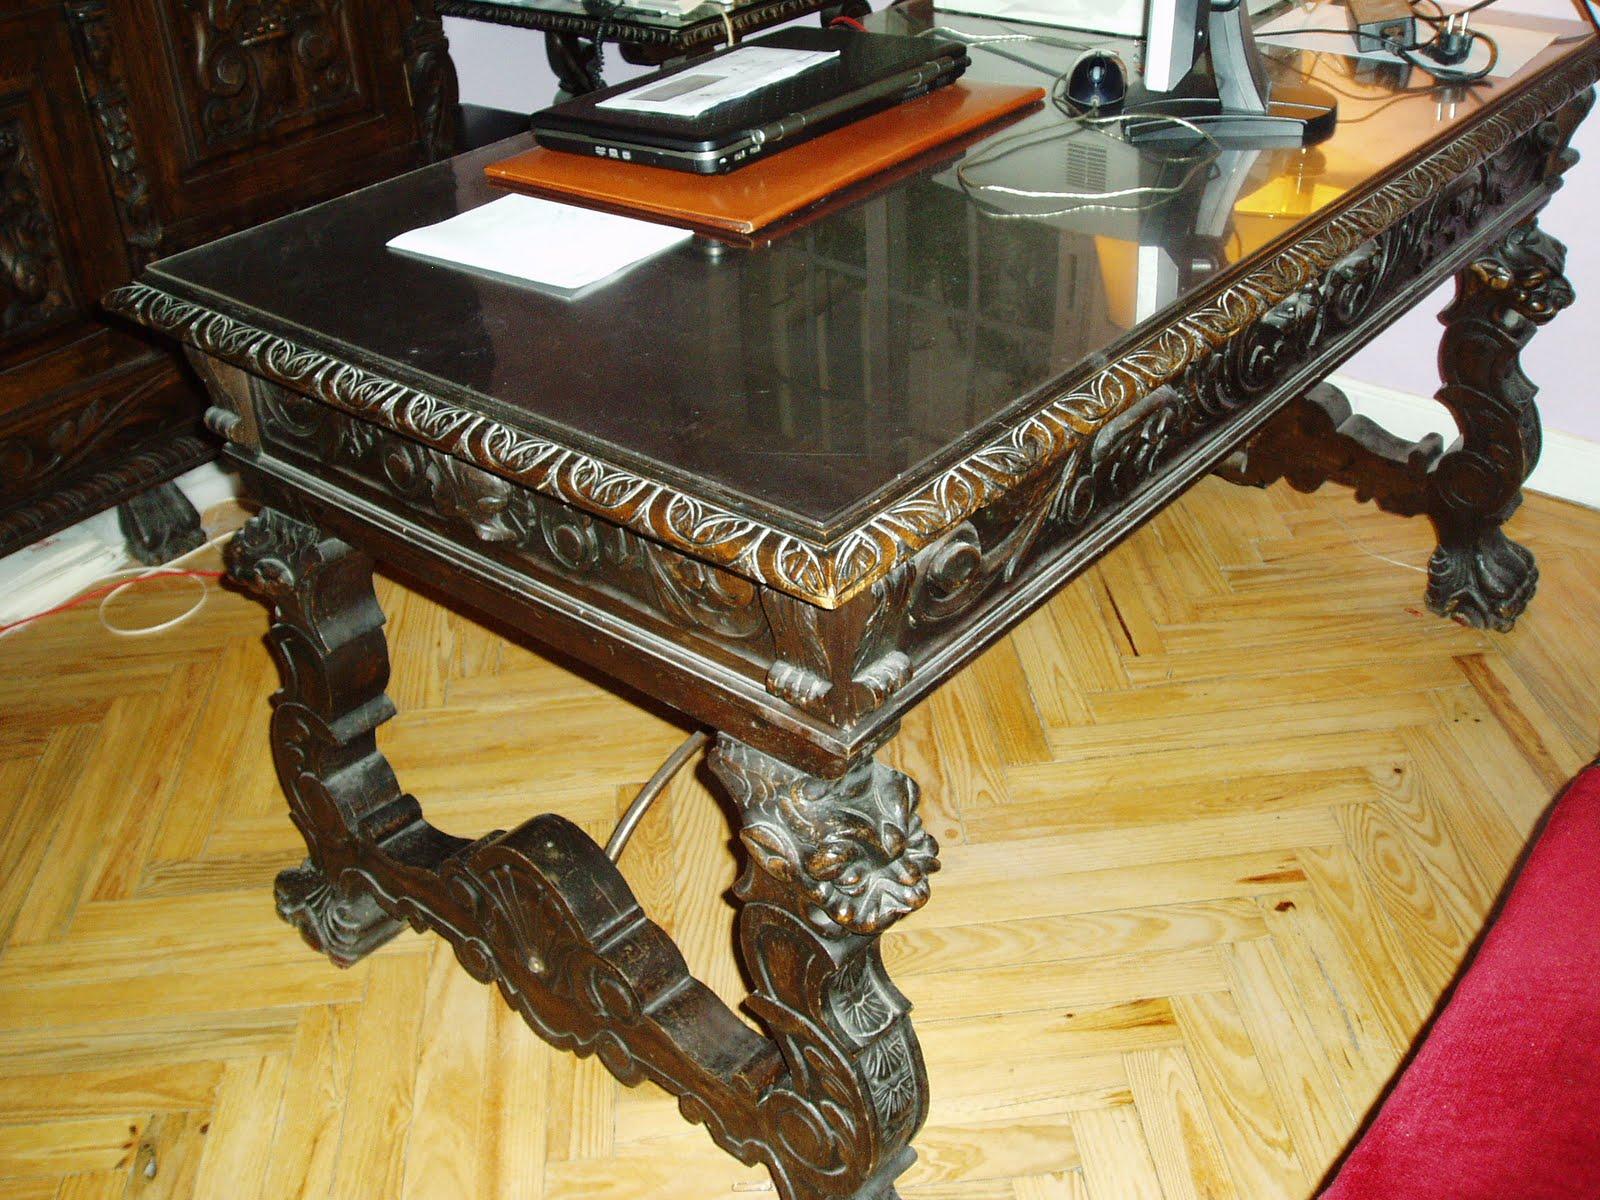 Venta muebles restaurados compra venta de muebles - Compra venta muebles antiguos ...